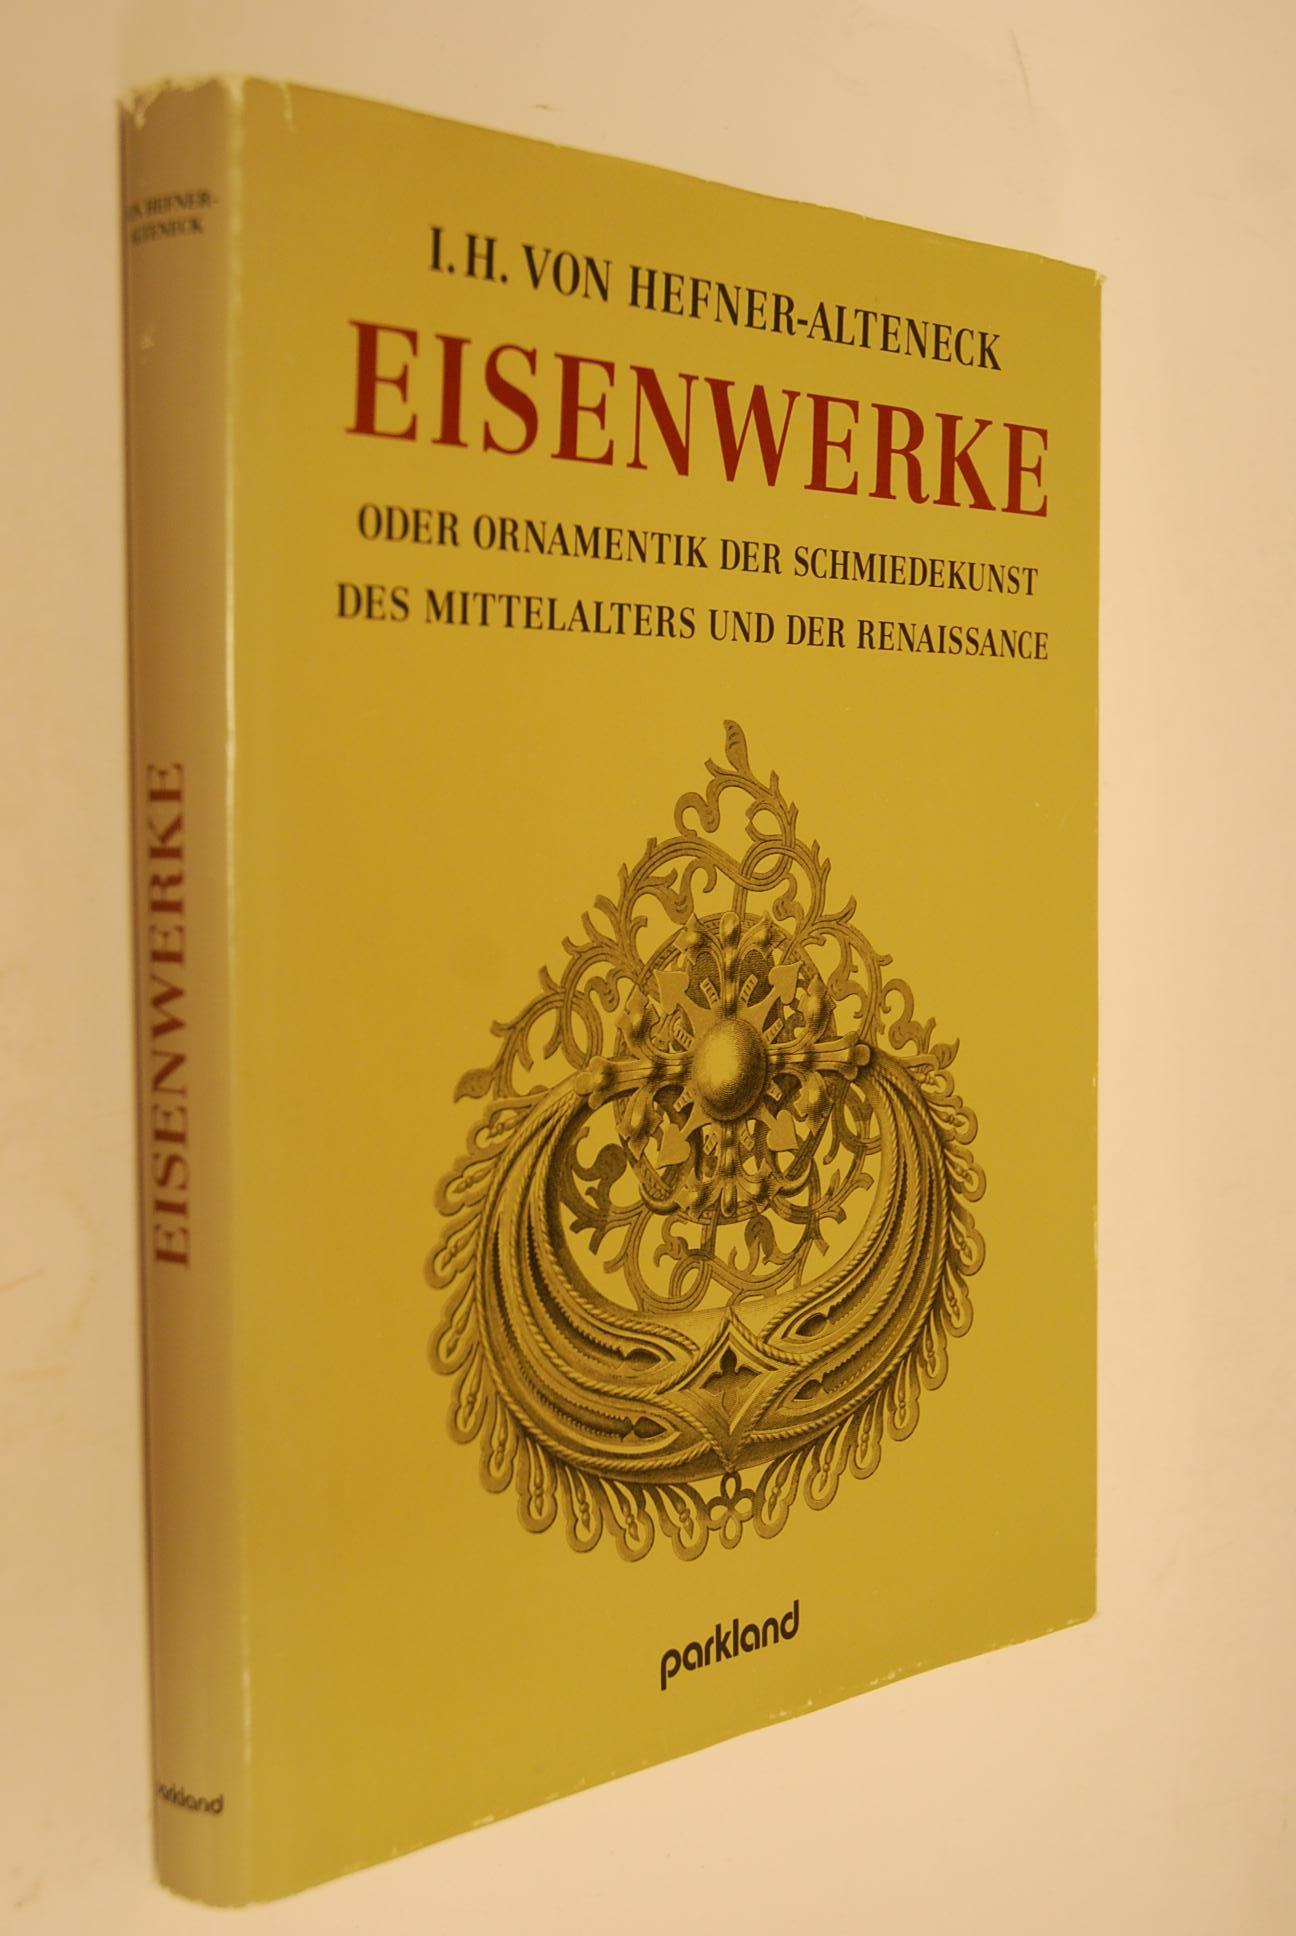 Eisenwerke oder Ornamentik der Schmiedekunst des Mittelalters: Hefner-Alteneck, Jakob Heinrich